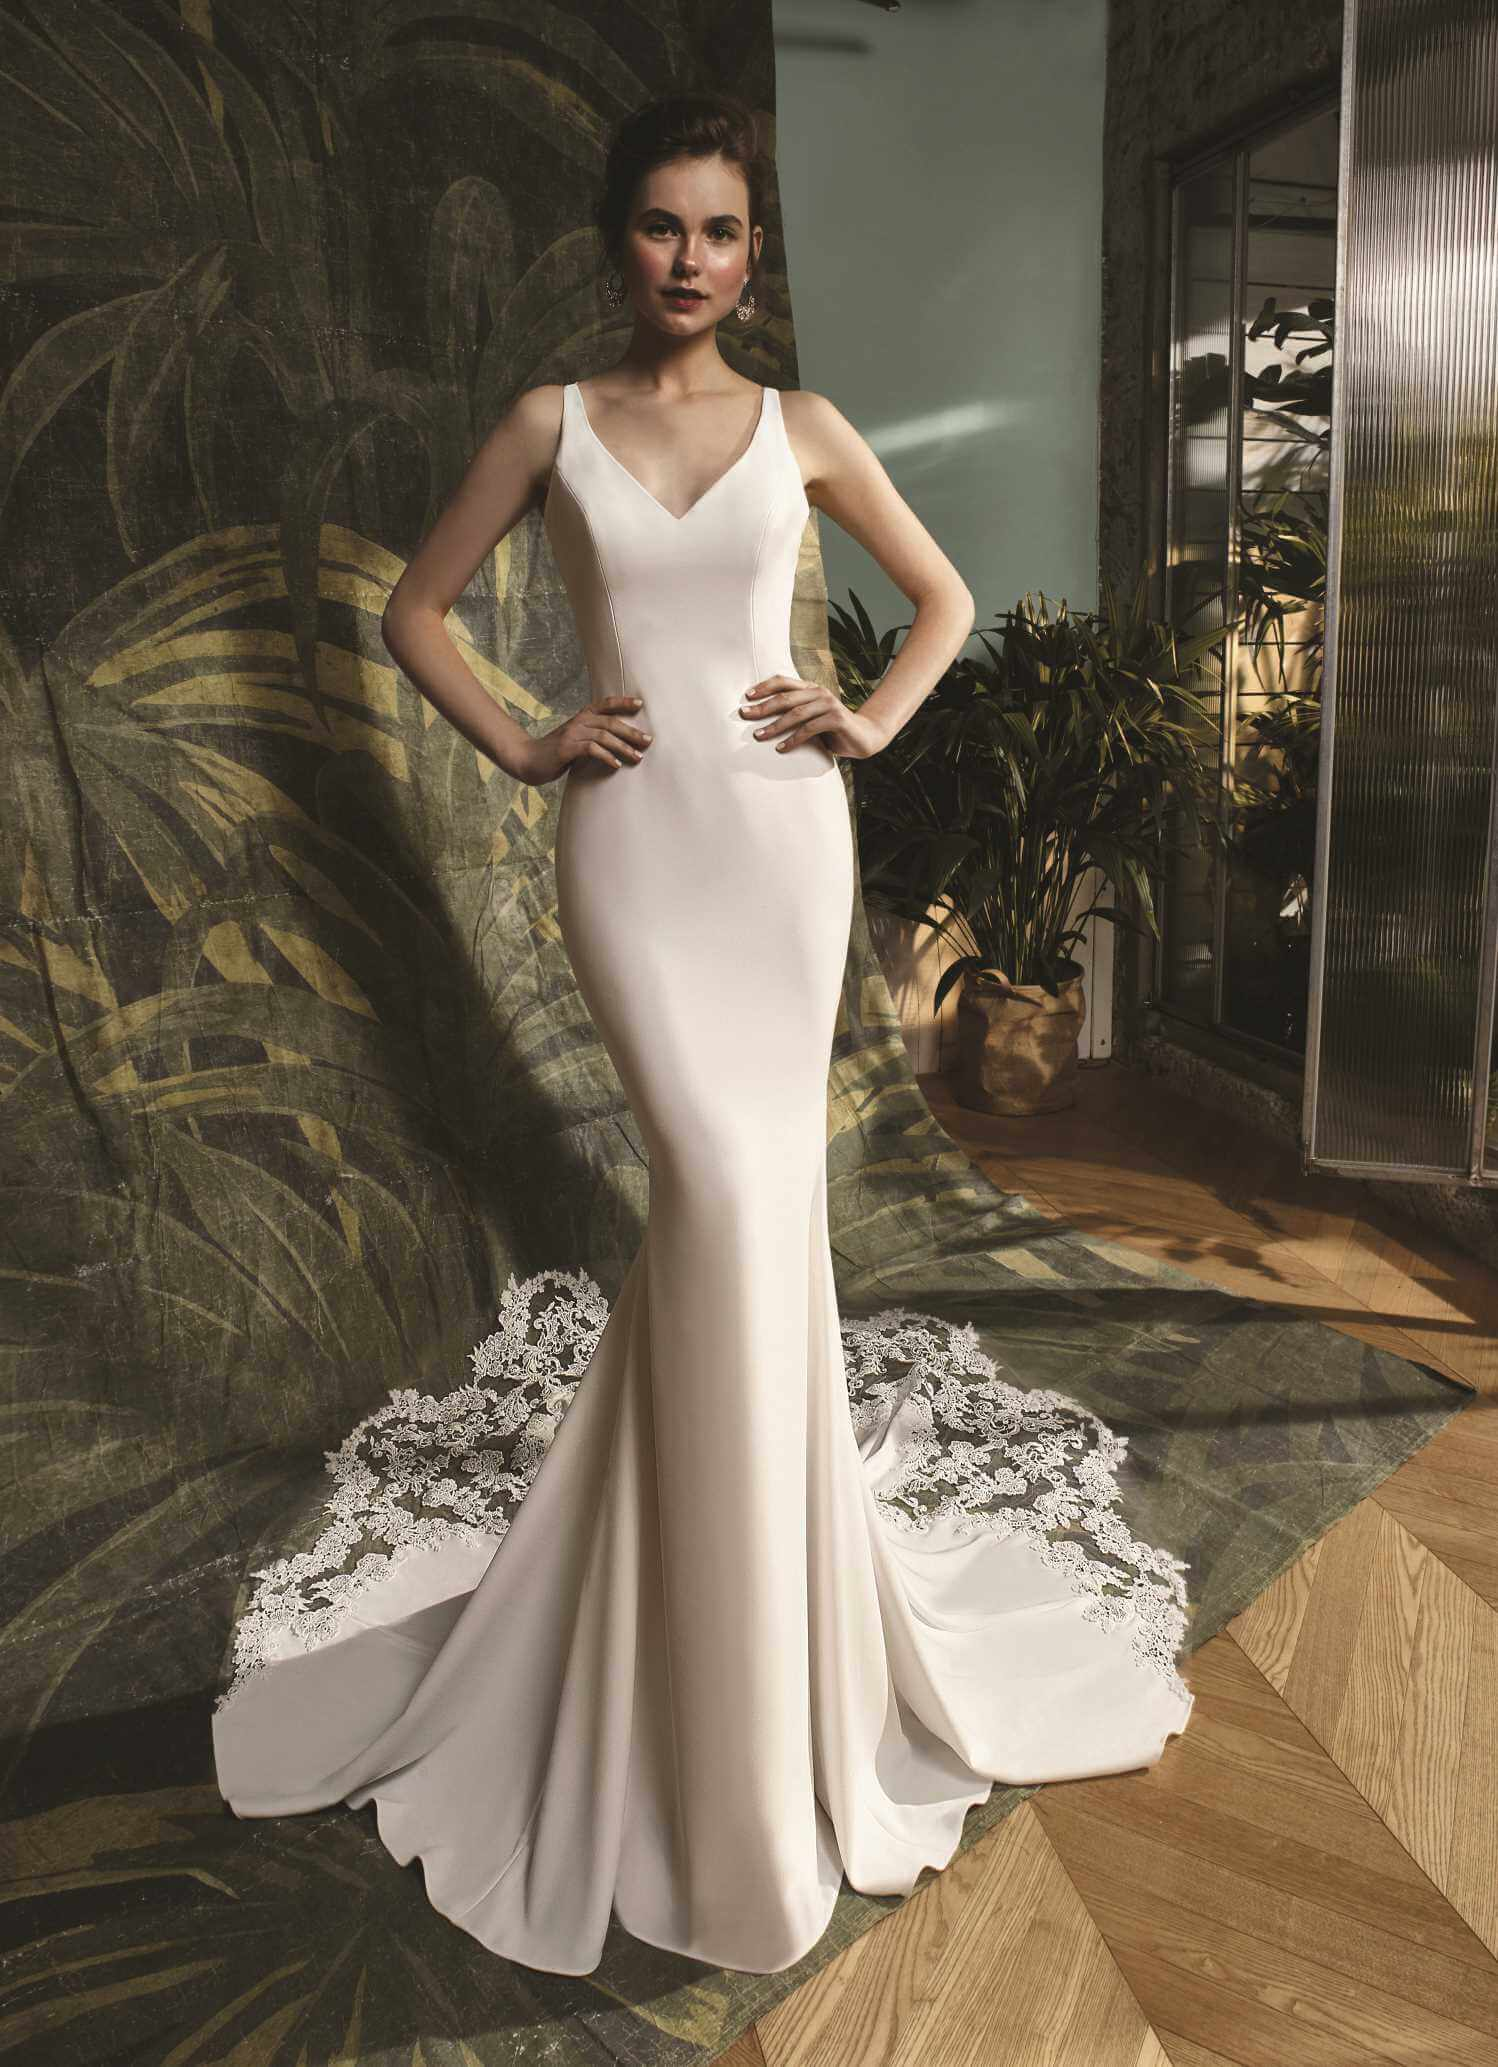 La Belle Angele Bridal Wear Norwich Boutique In Norfolk